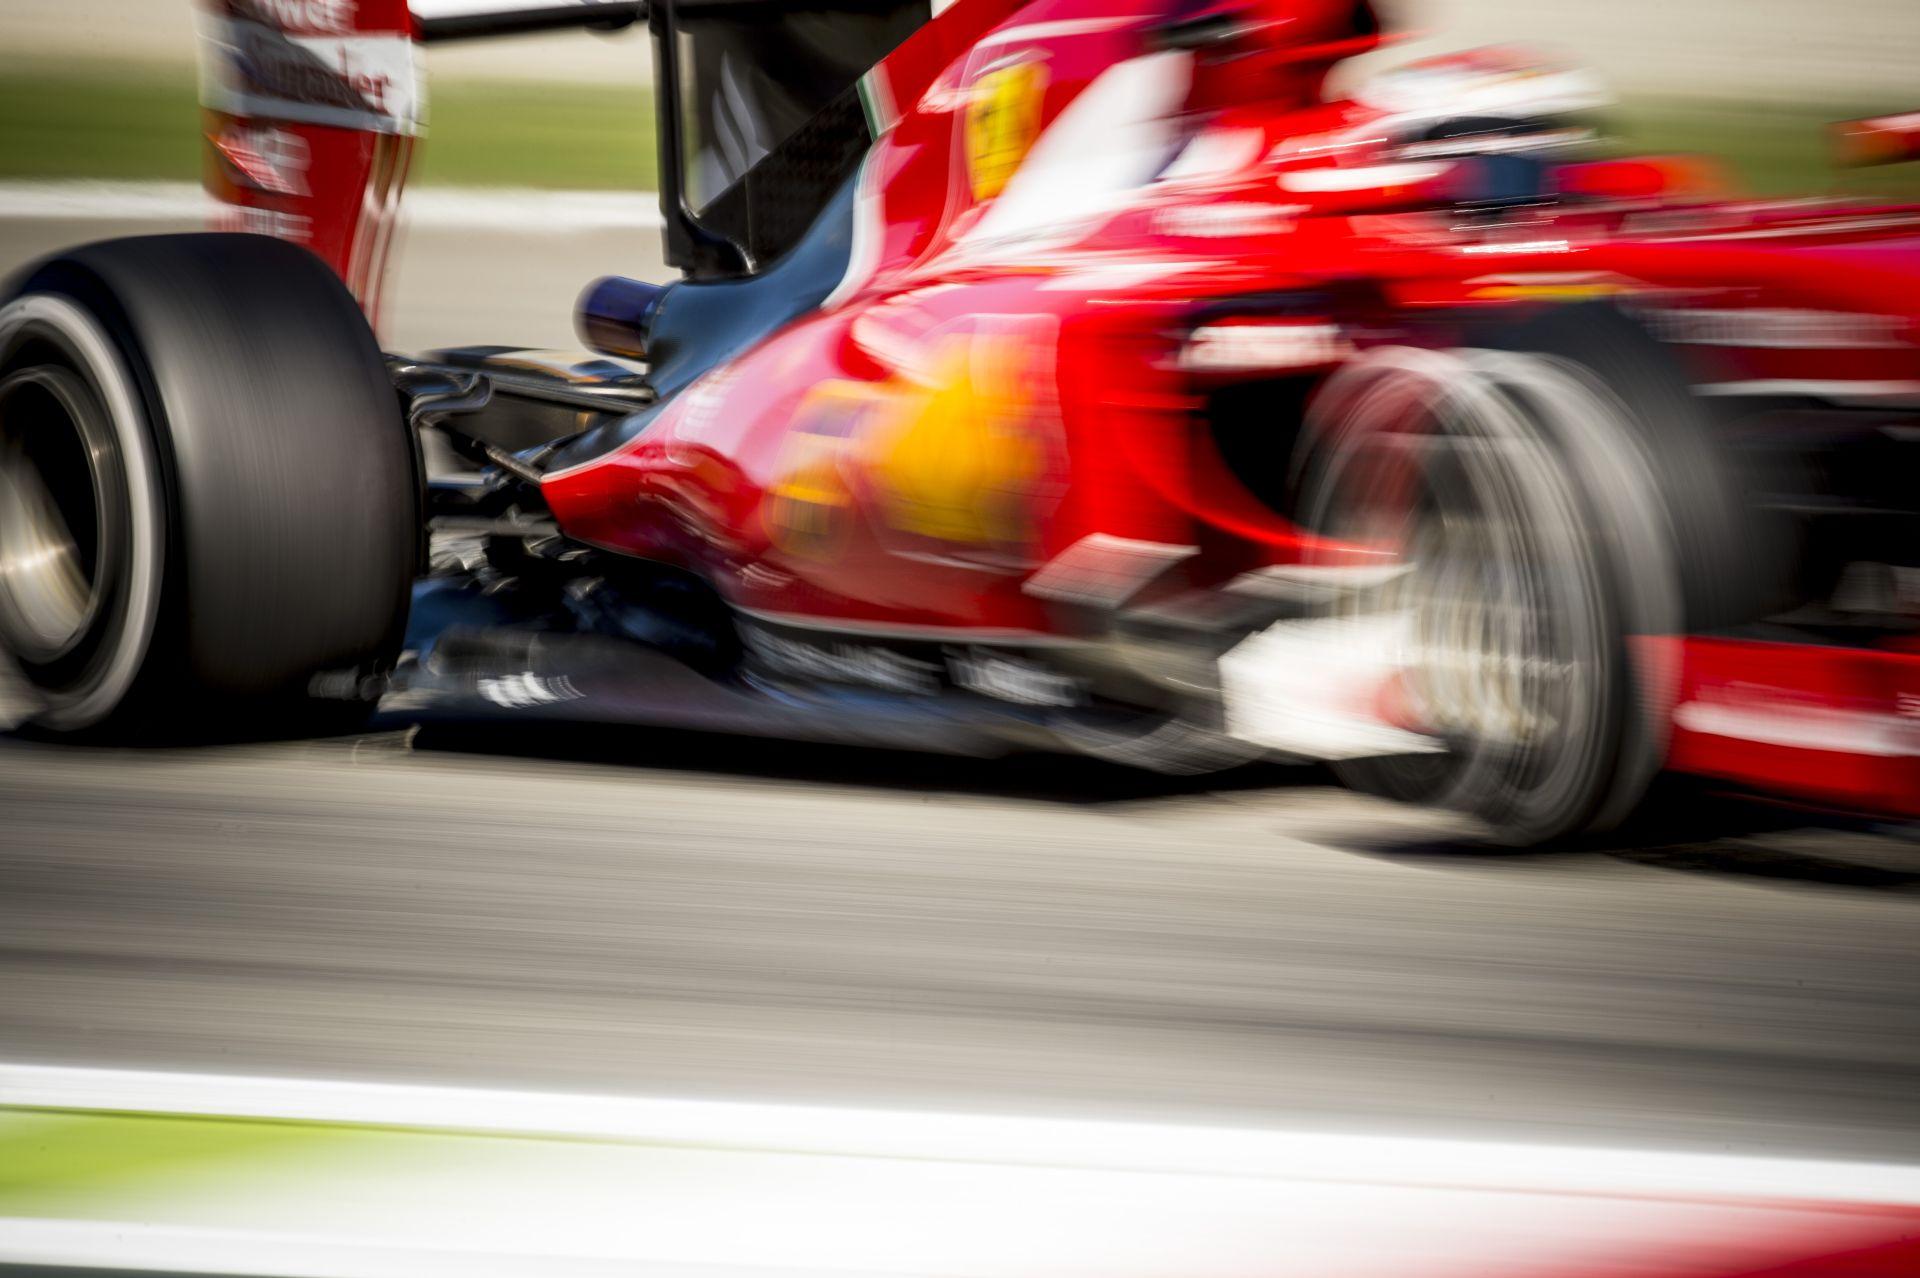 Így rajtolt el Vettel vasárnap Monzában a Ferrarival: belső kamerás felvétel